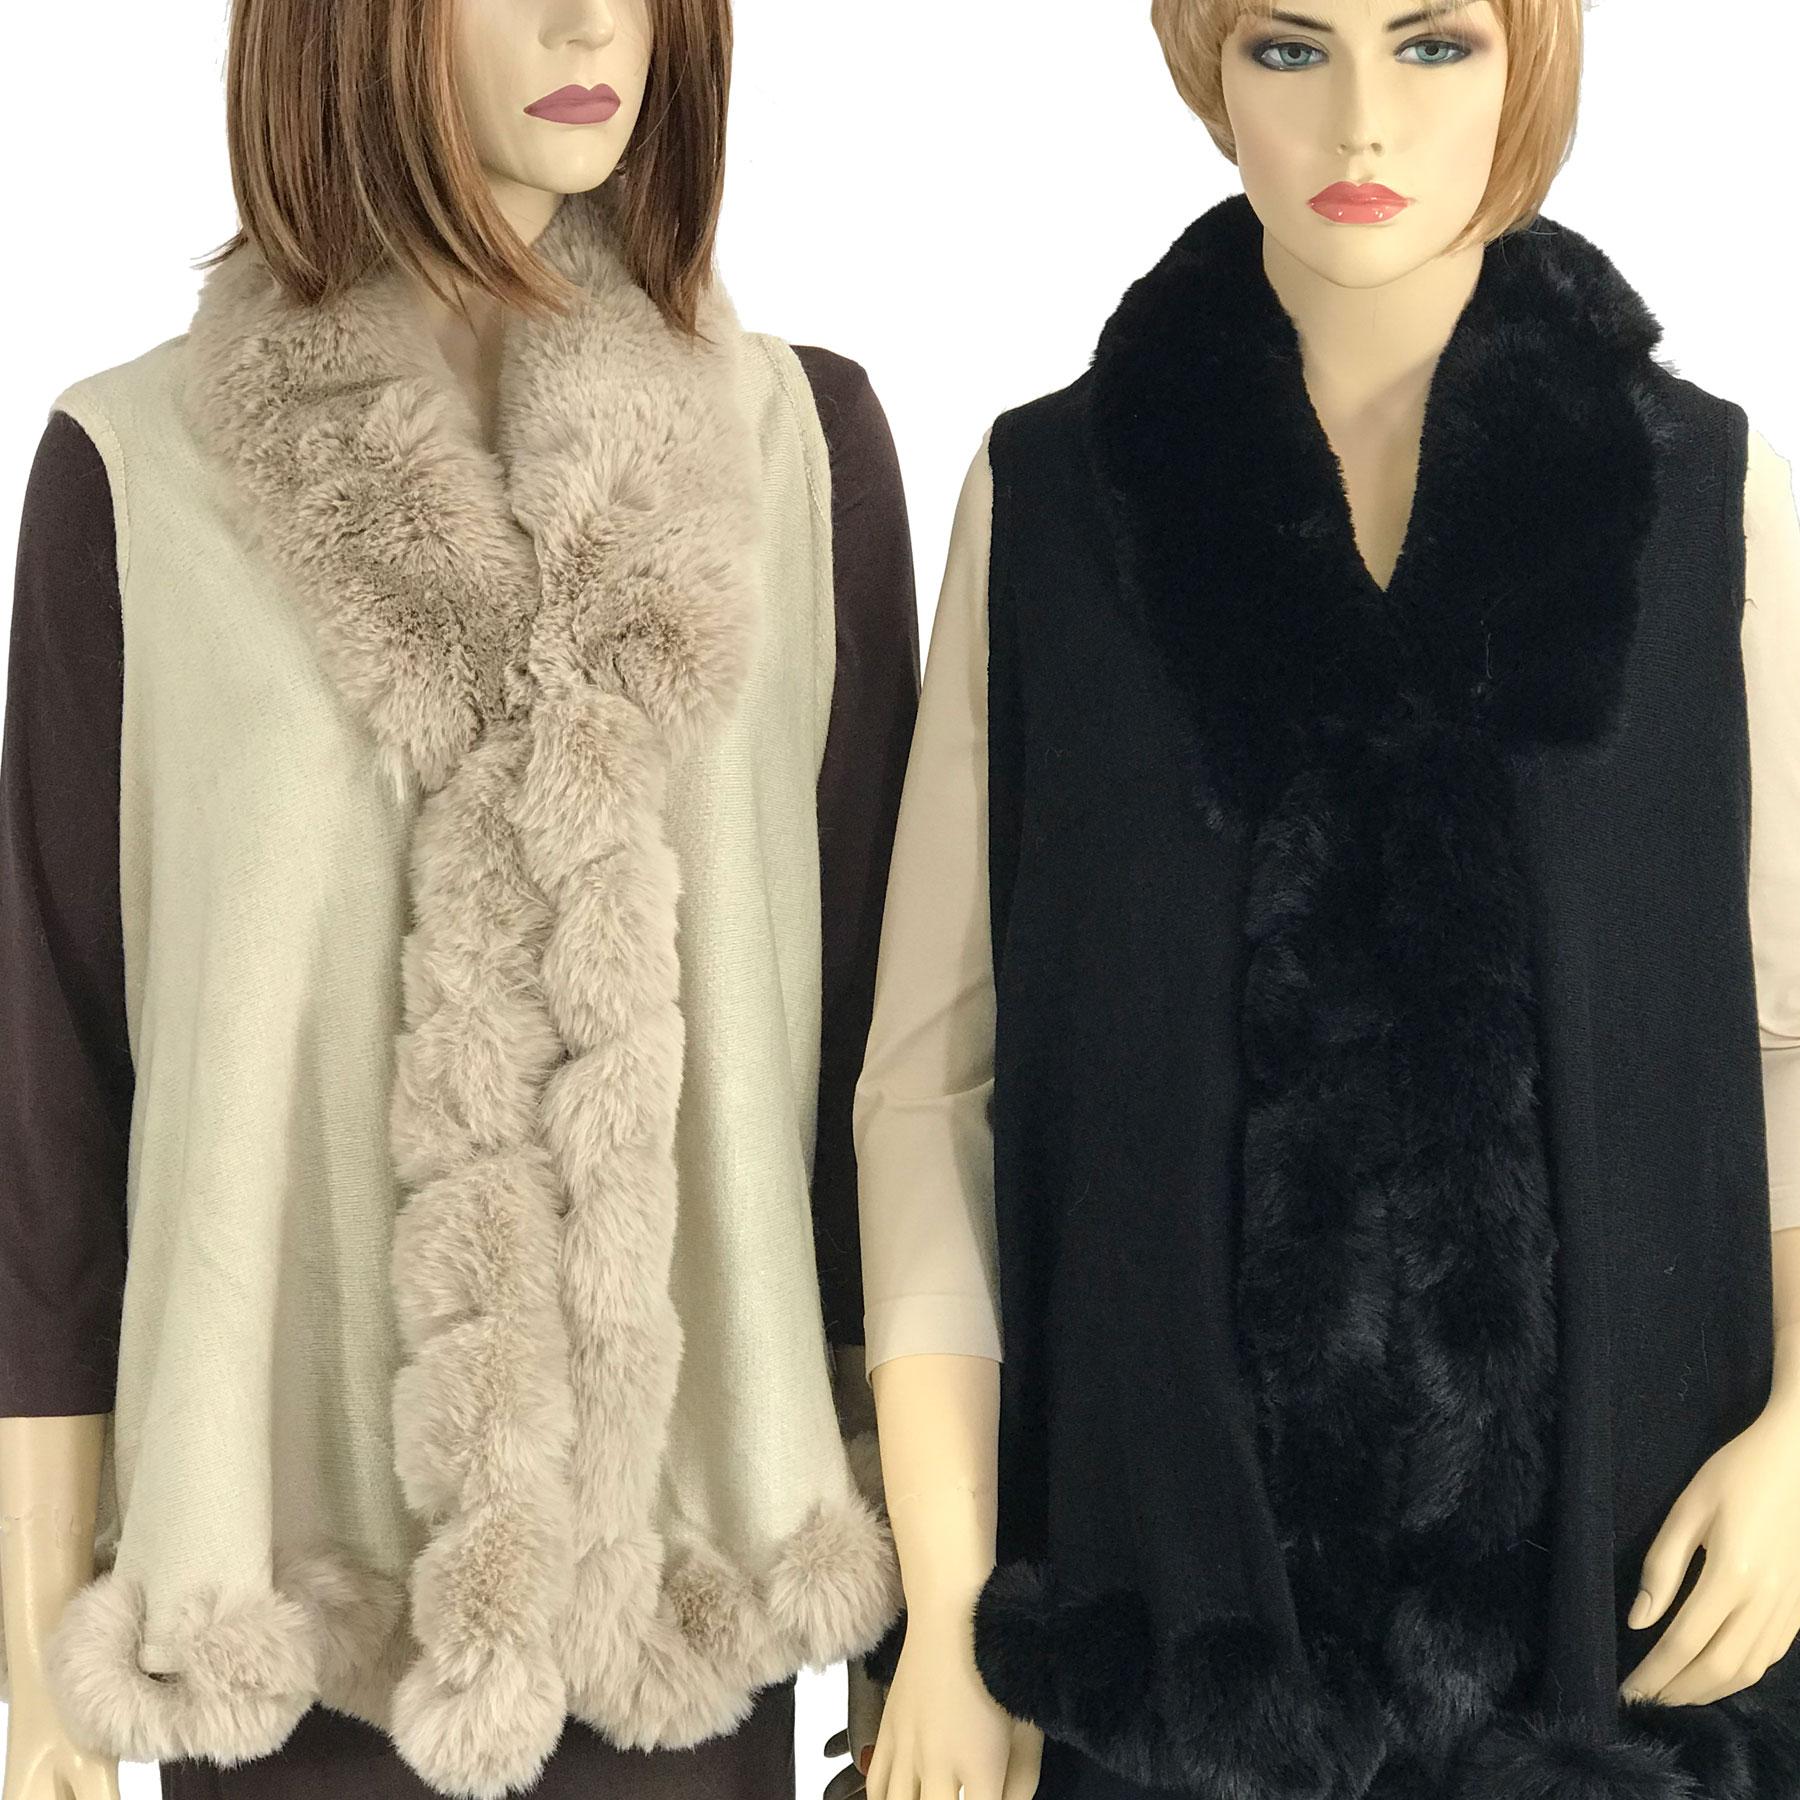 Vests - Faux Rabbit Fur Trim LC11